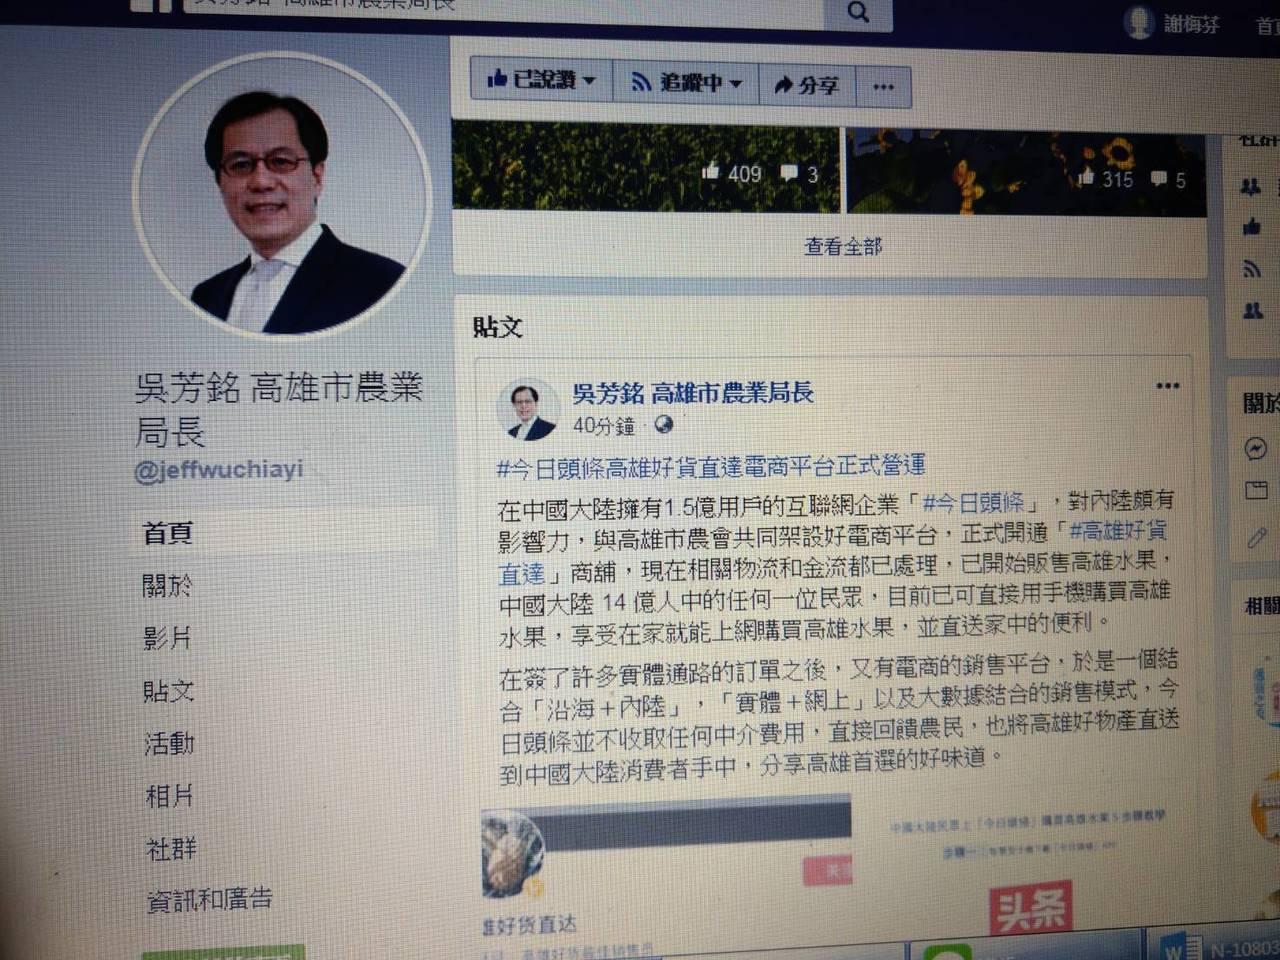 跟隨韓國瑜到大陸城市交流的高雄市農業局長吳芳銘今天在臉書上說,繼簽了許多實體通路...